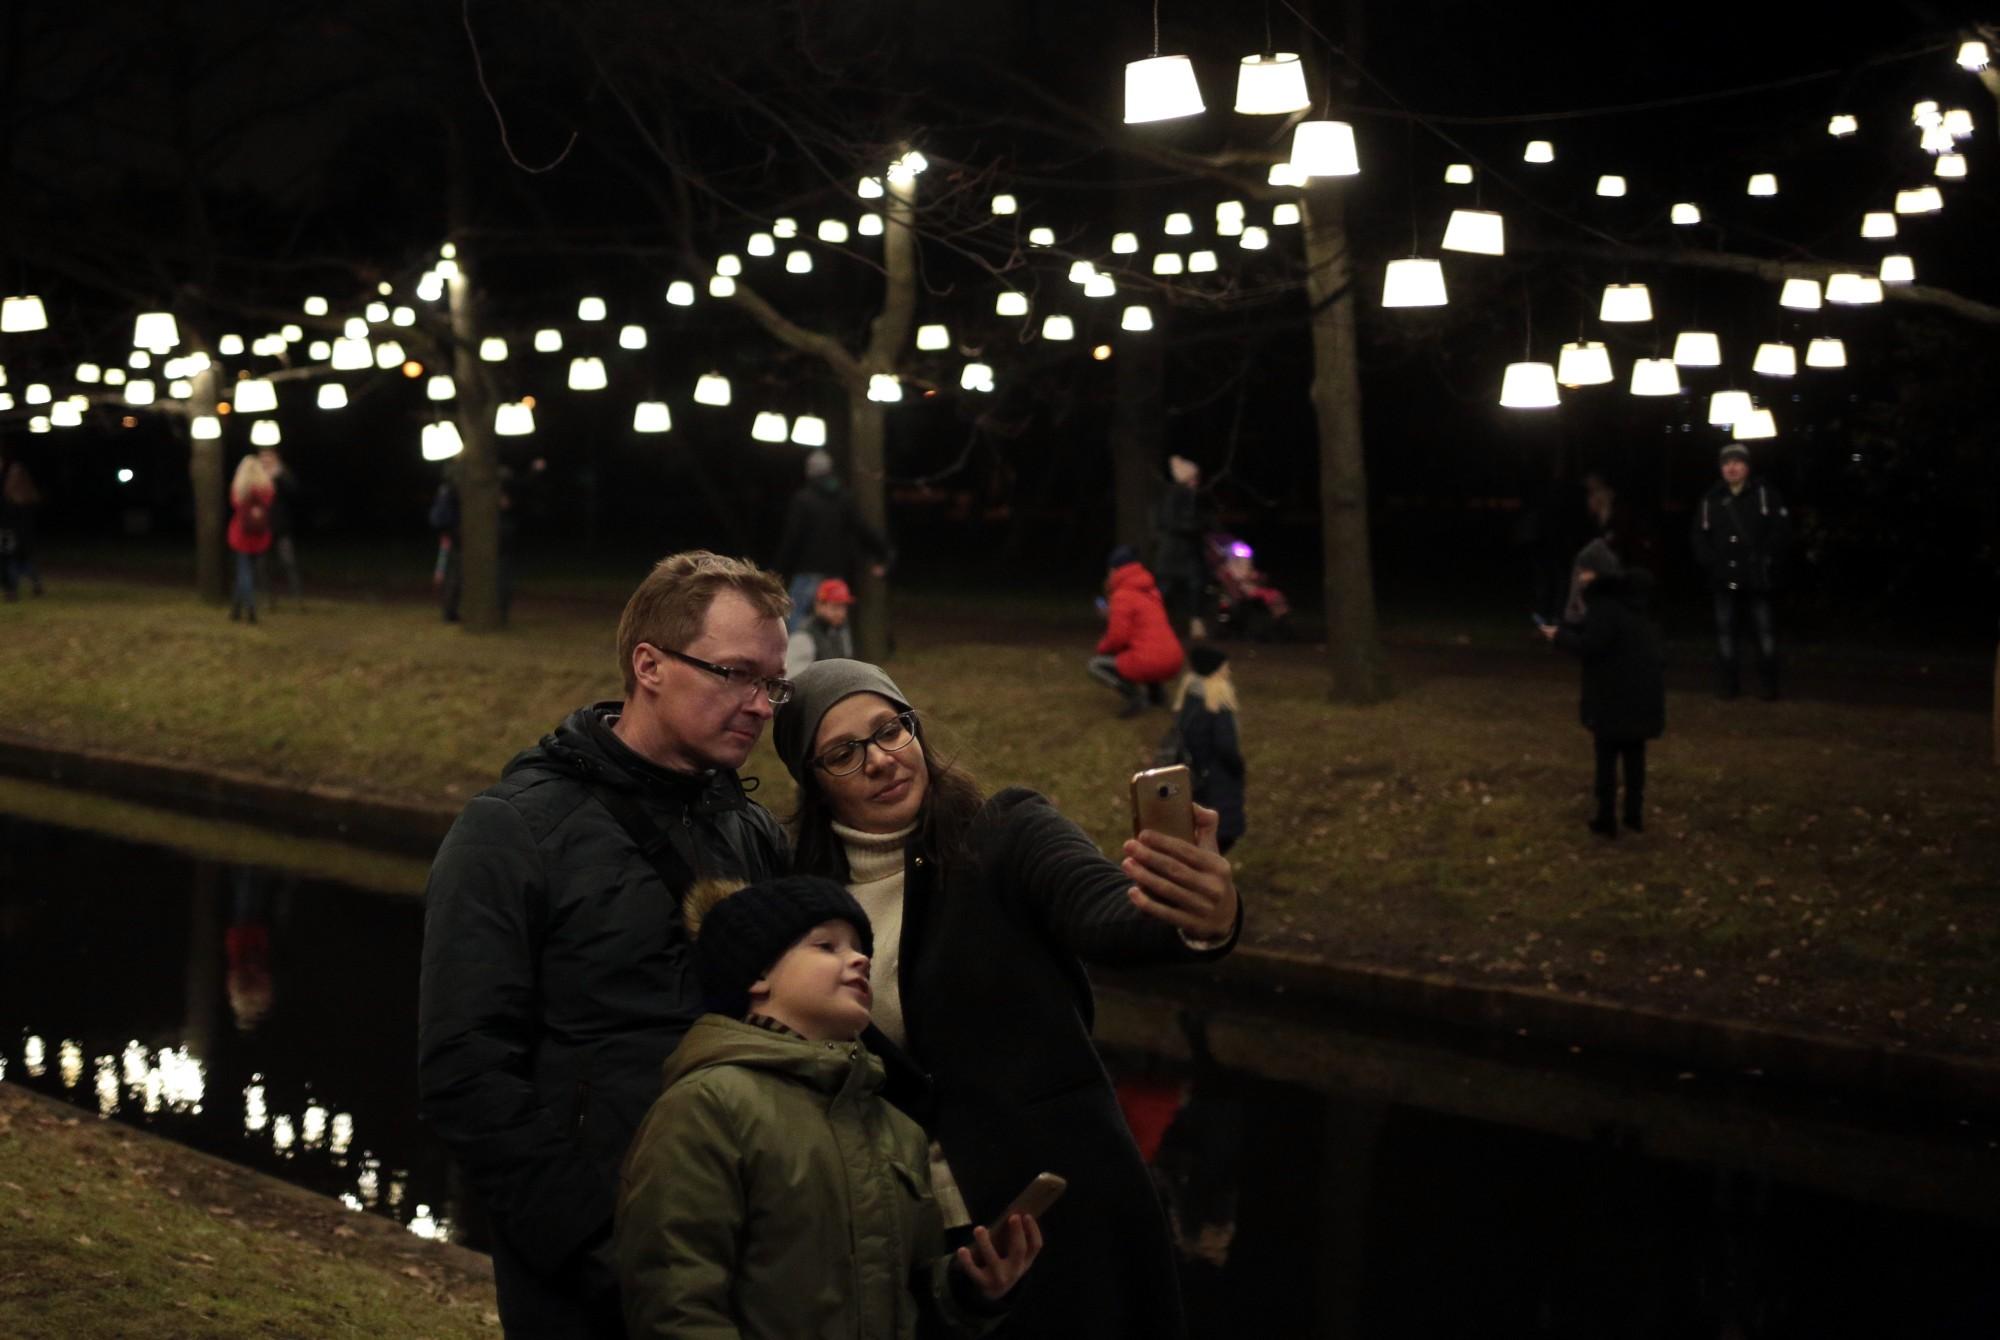 ВПетербурге открылся Фестиваль света